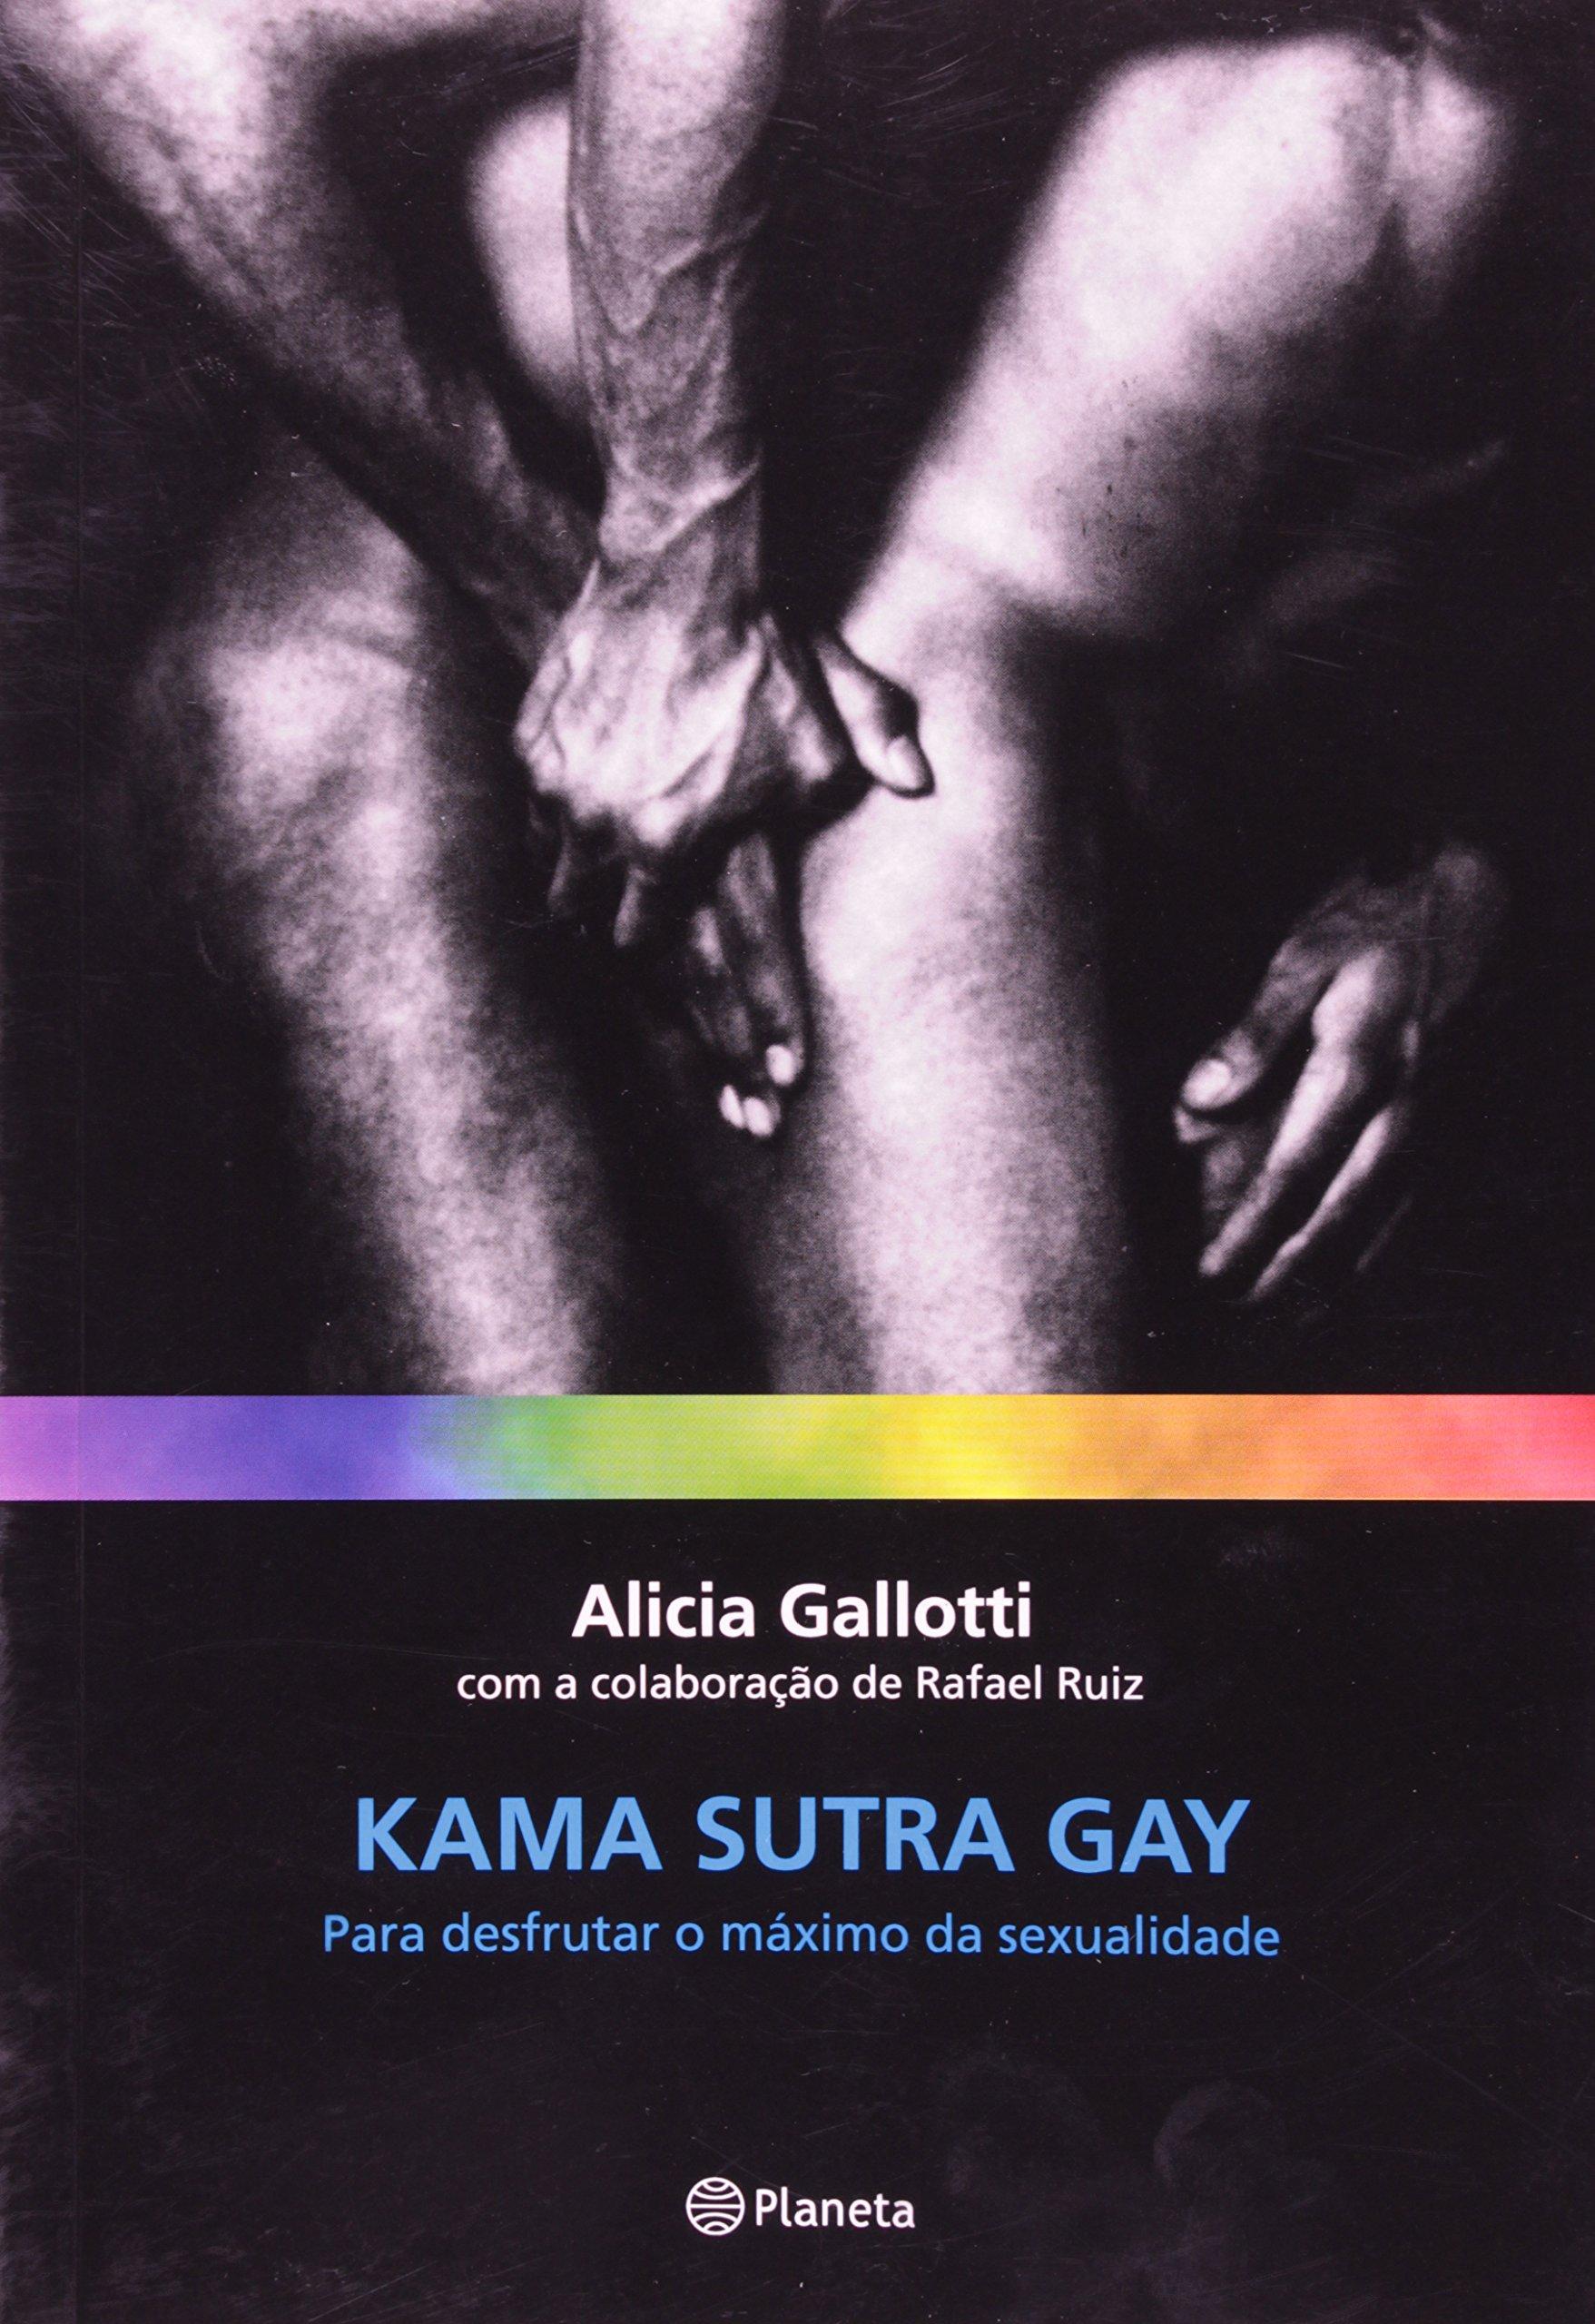 Kama Sutra Gay: para Desfrutar o Máximo da Sexualidade: Alicia Galloti:  9788576650683: Amazon.com: Books